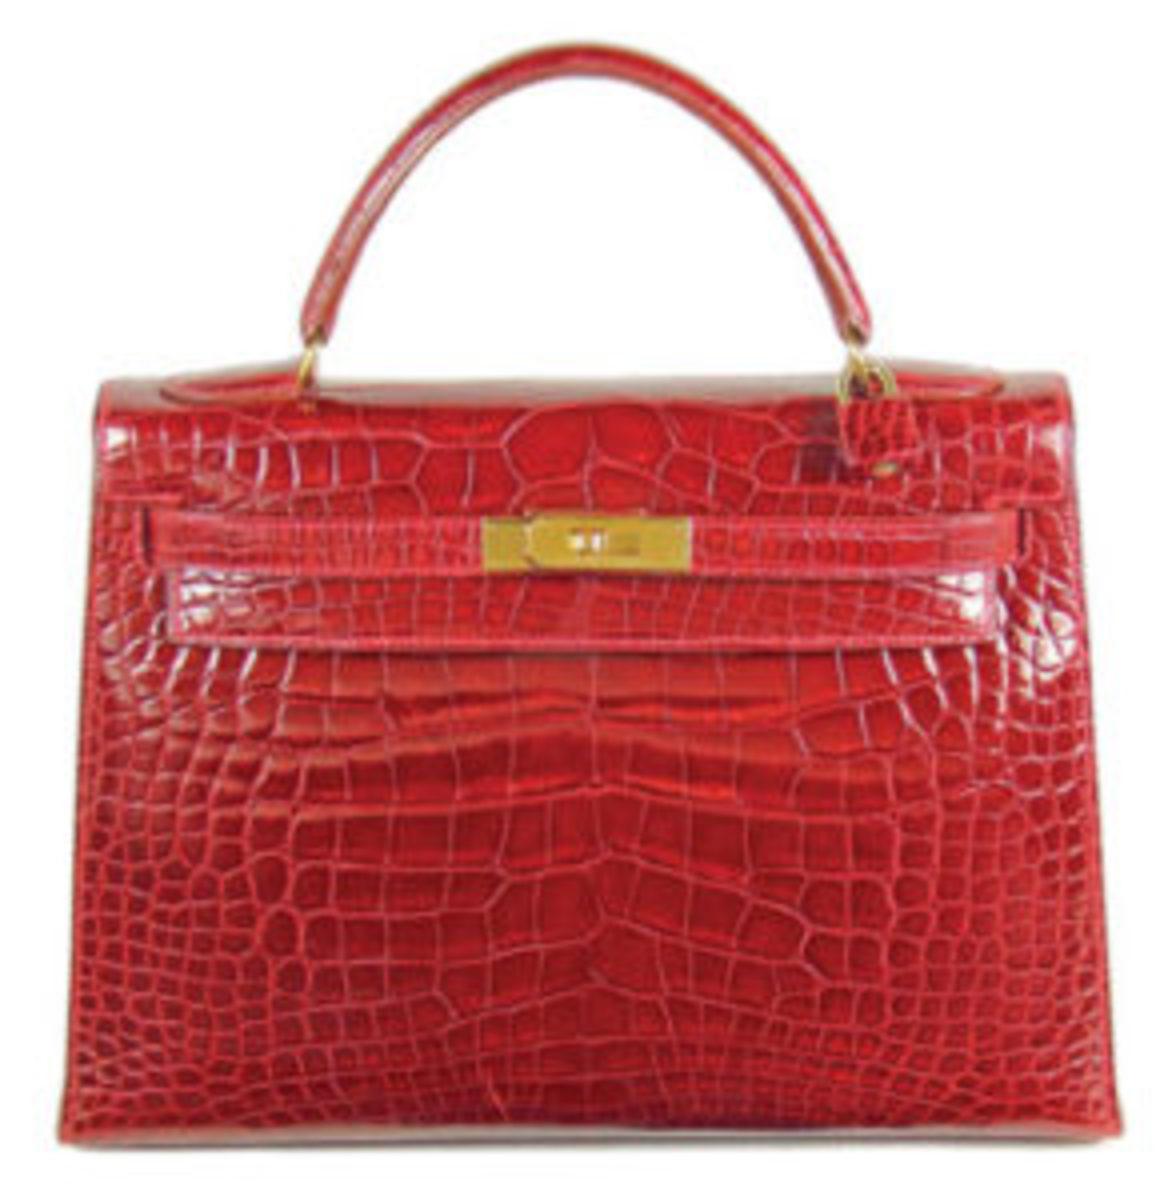 Hemes red alligator handbag